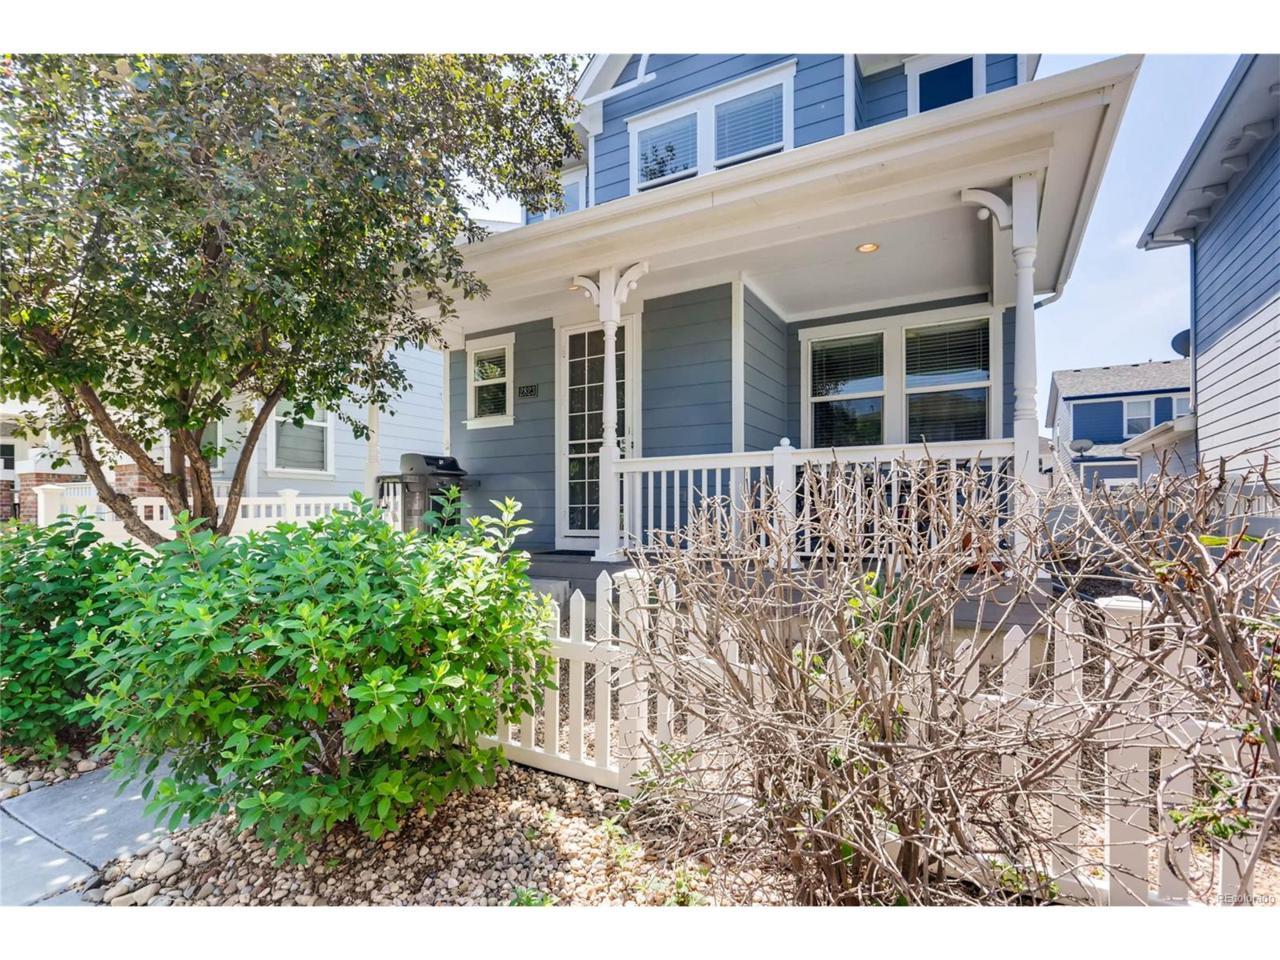 2823 Central Park Boulevard, Denver, CO 80238 (MLS #3096854) :: 8z Real Estate